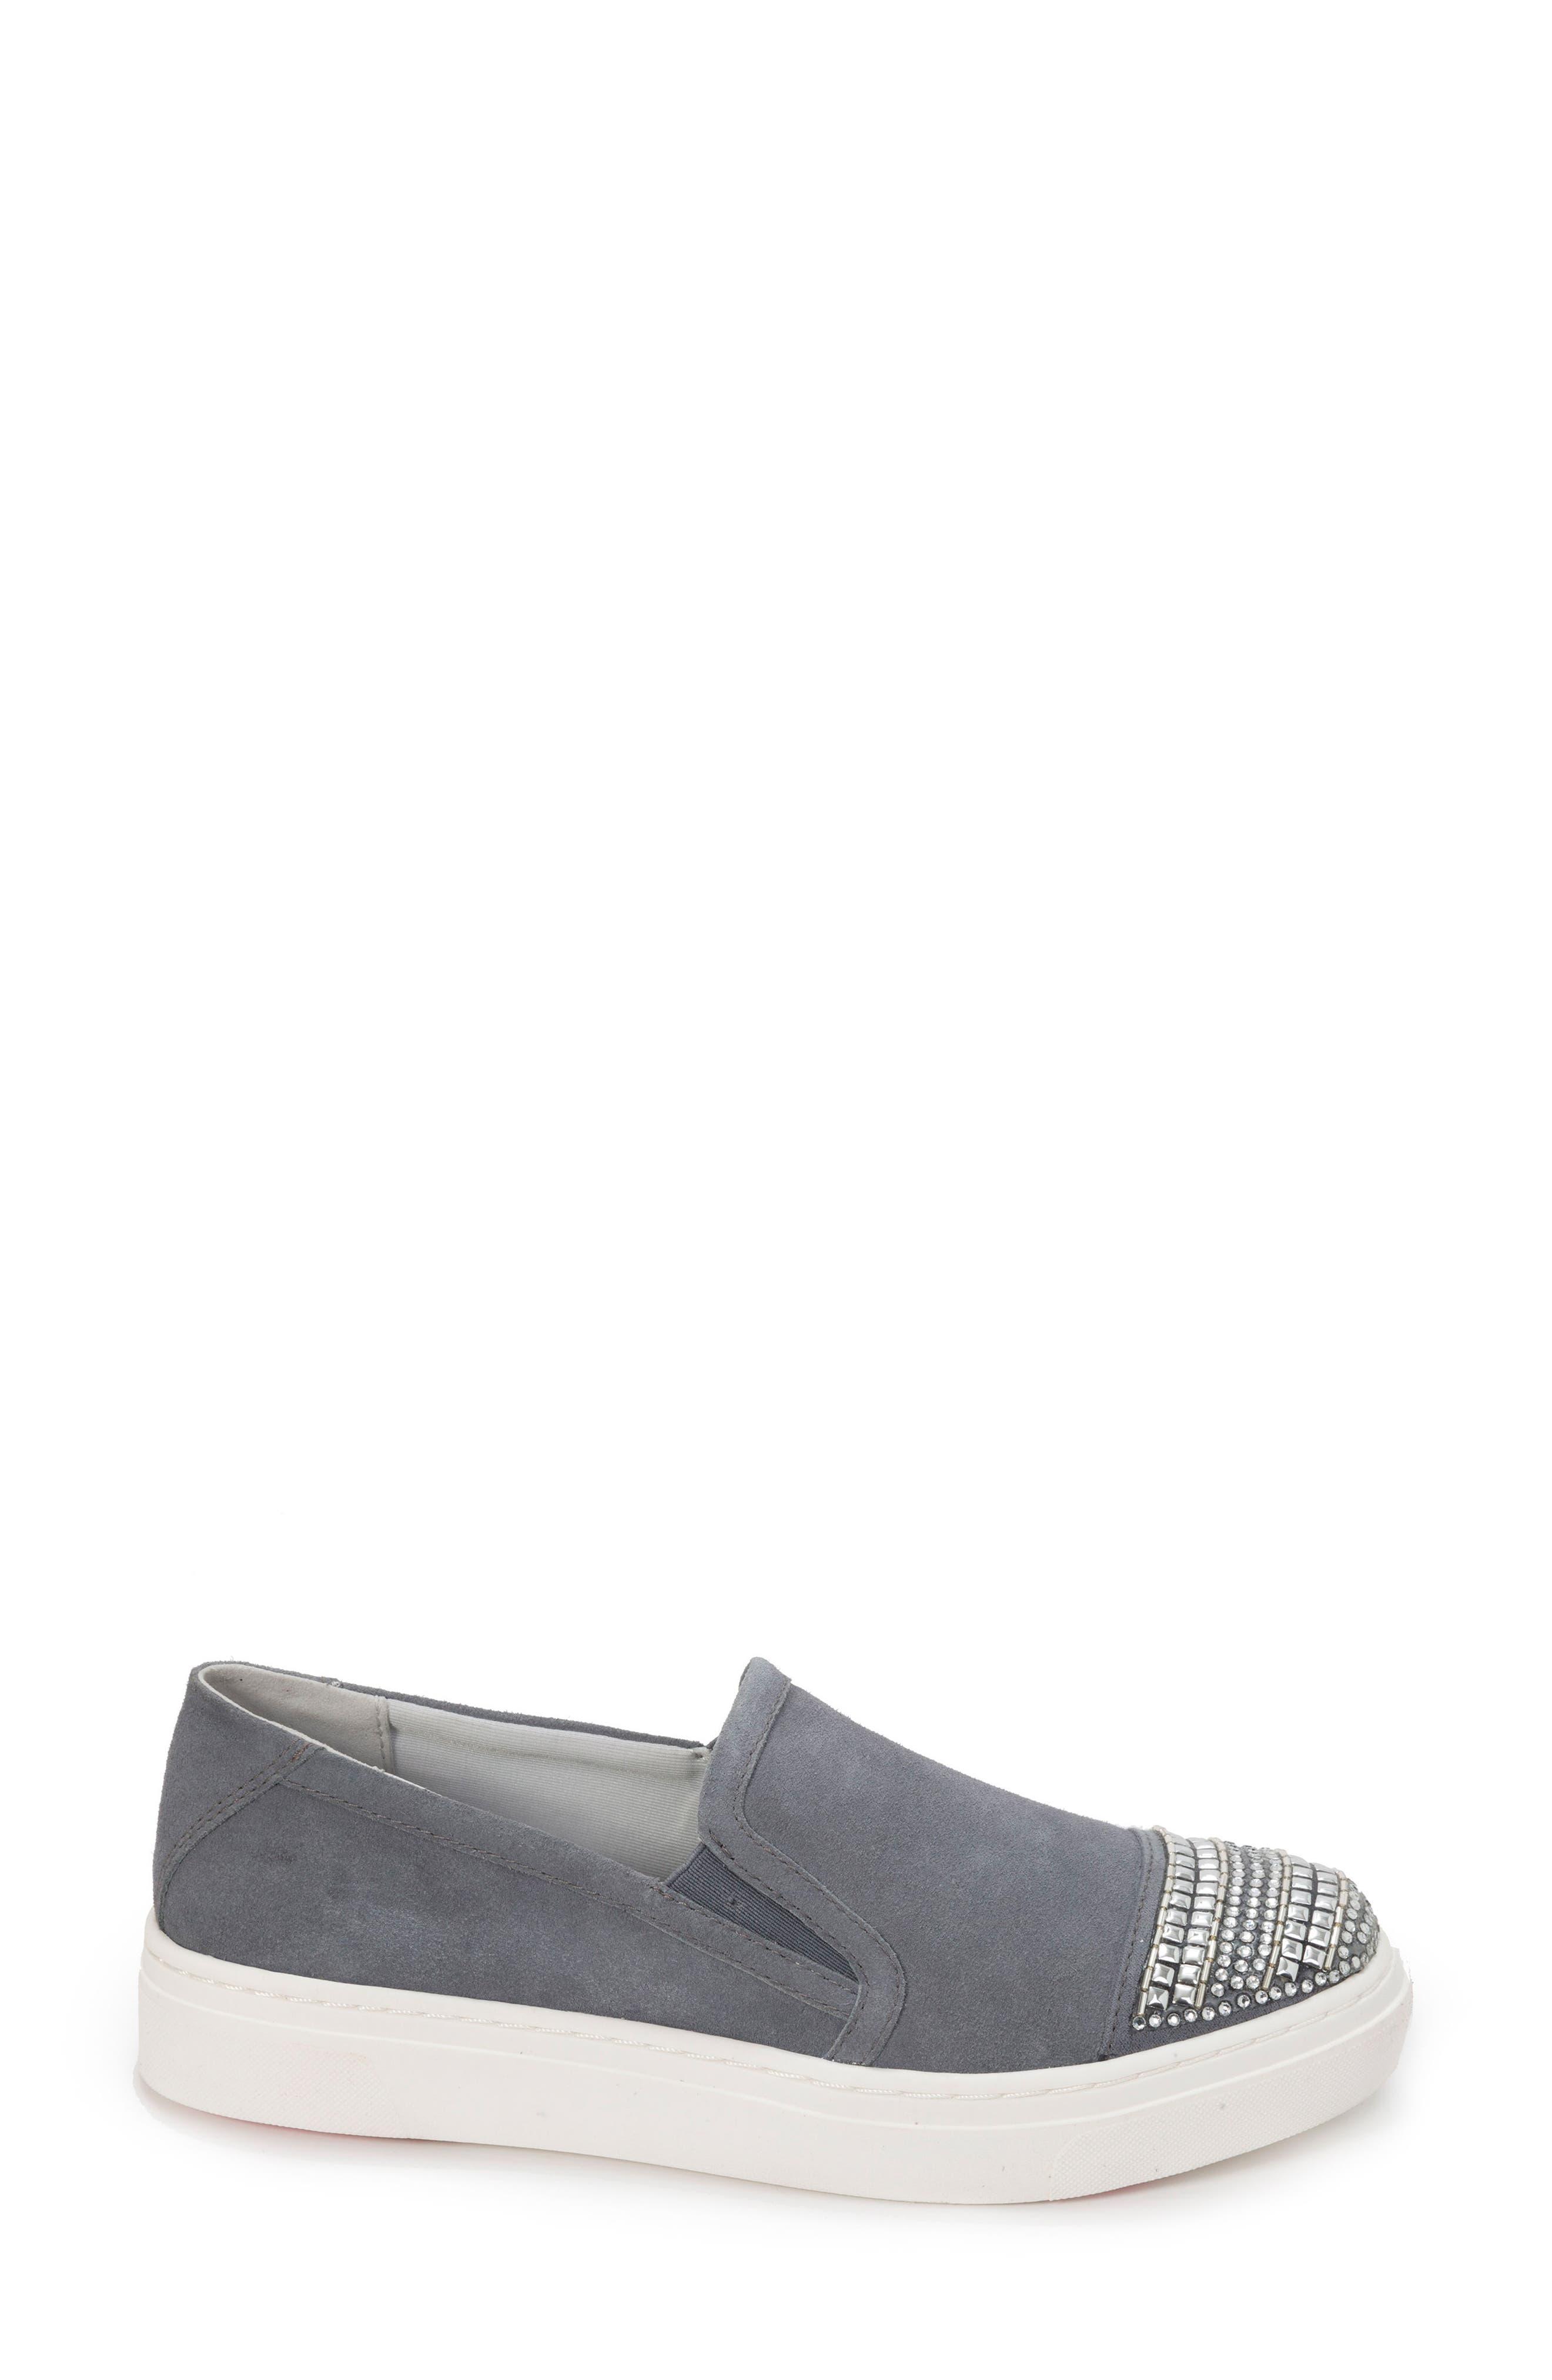 Finley Slip-On Sneaker,                             Alternate thumbnail 3, color,                             DENIM BLUE SUEDE